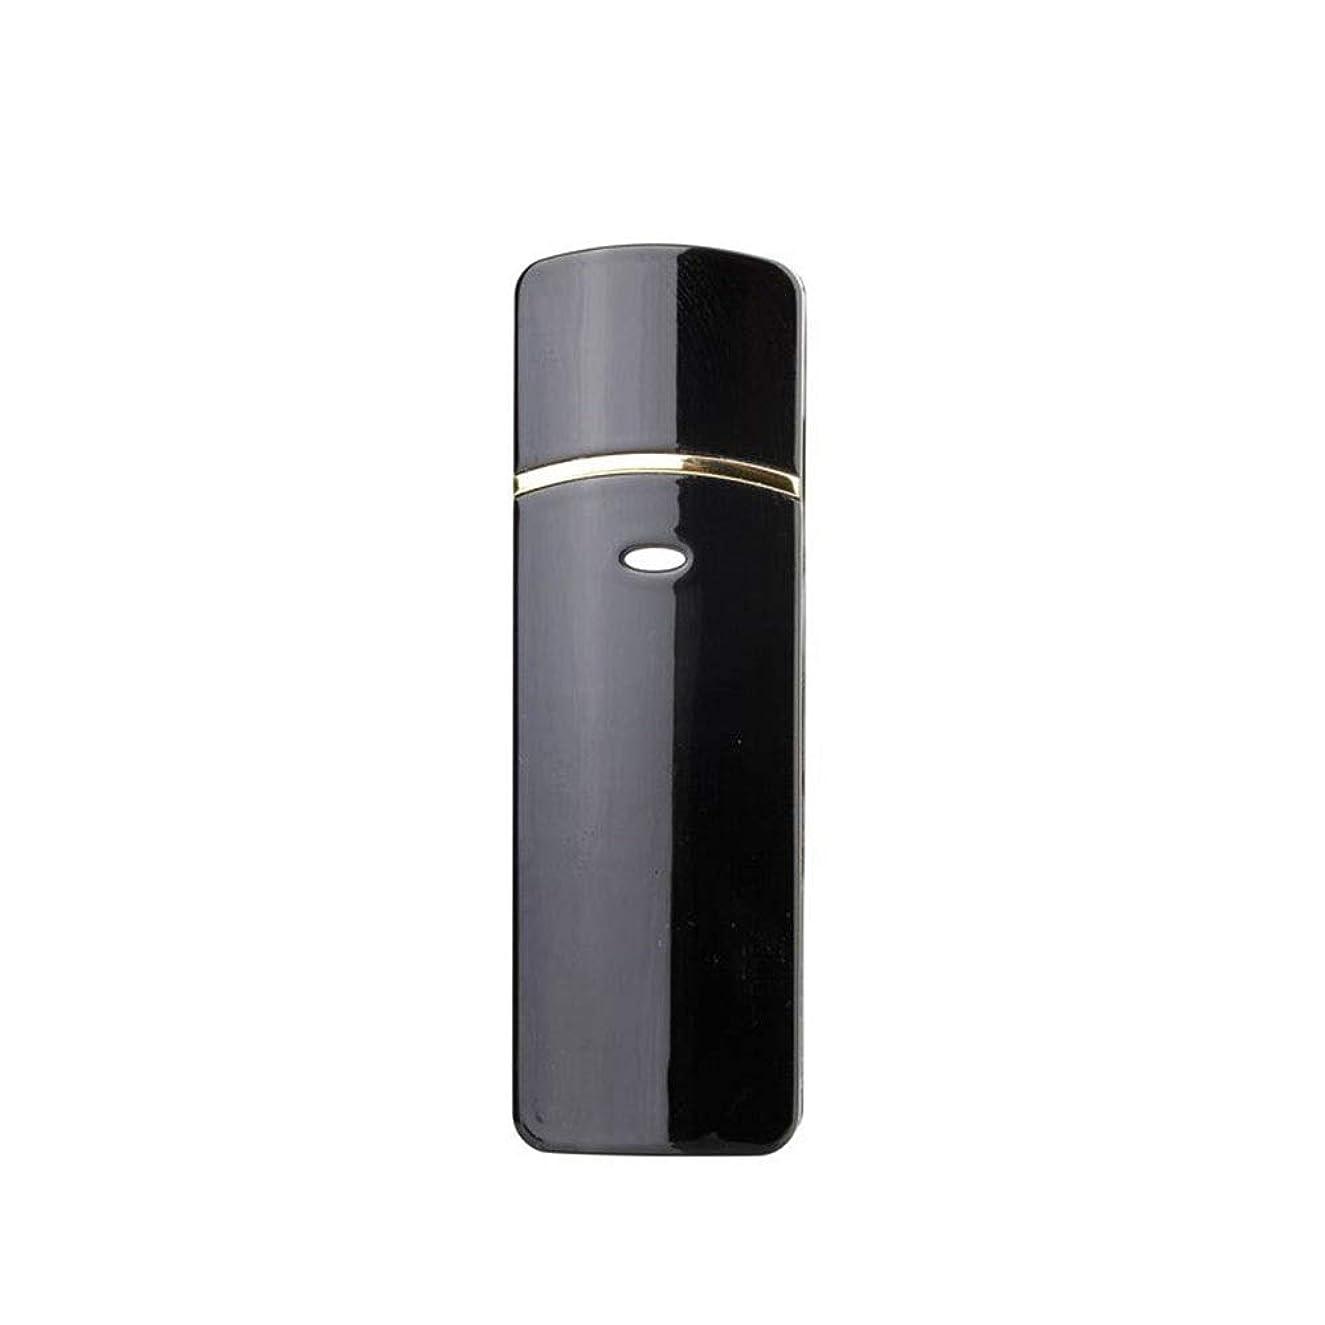 連合飢えた民間顔のスプレーヤー加湿器美容保湿ミニ顔ミスト霧化まつげエクステンションUSB充電式コールドスプレー (Color : Black)